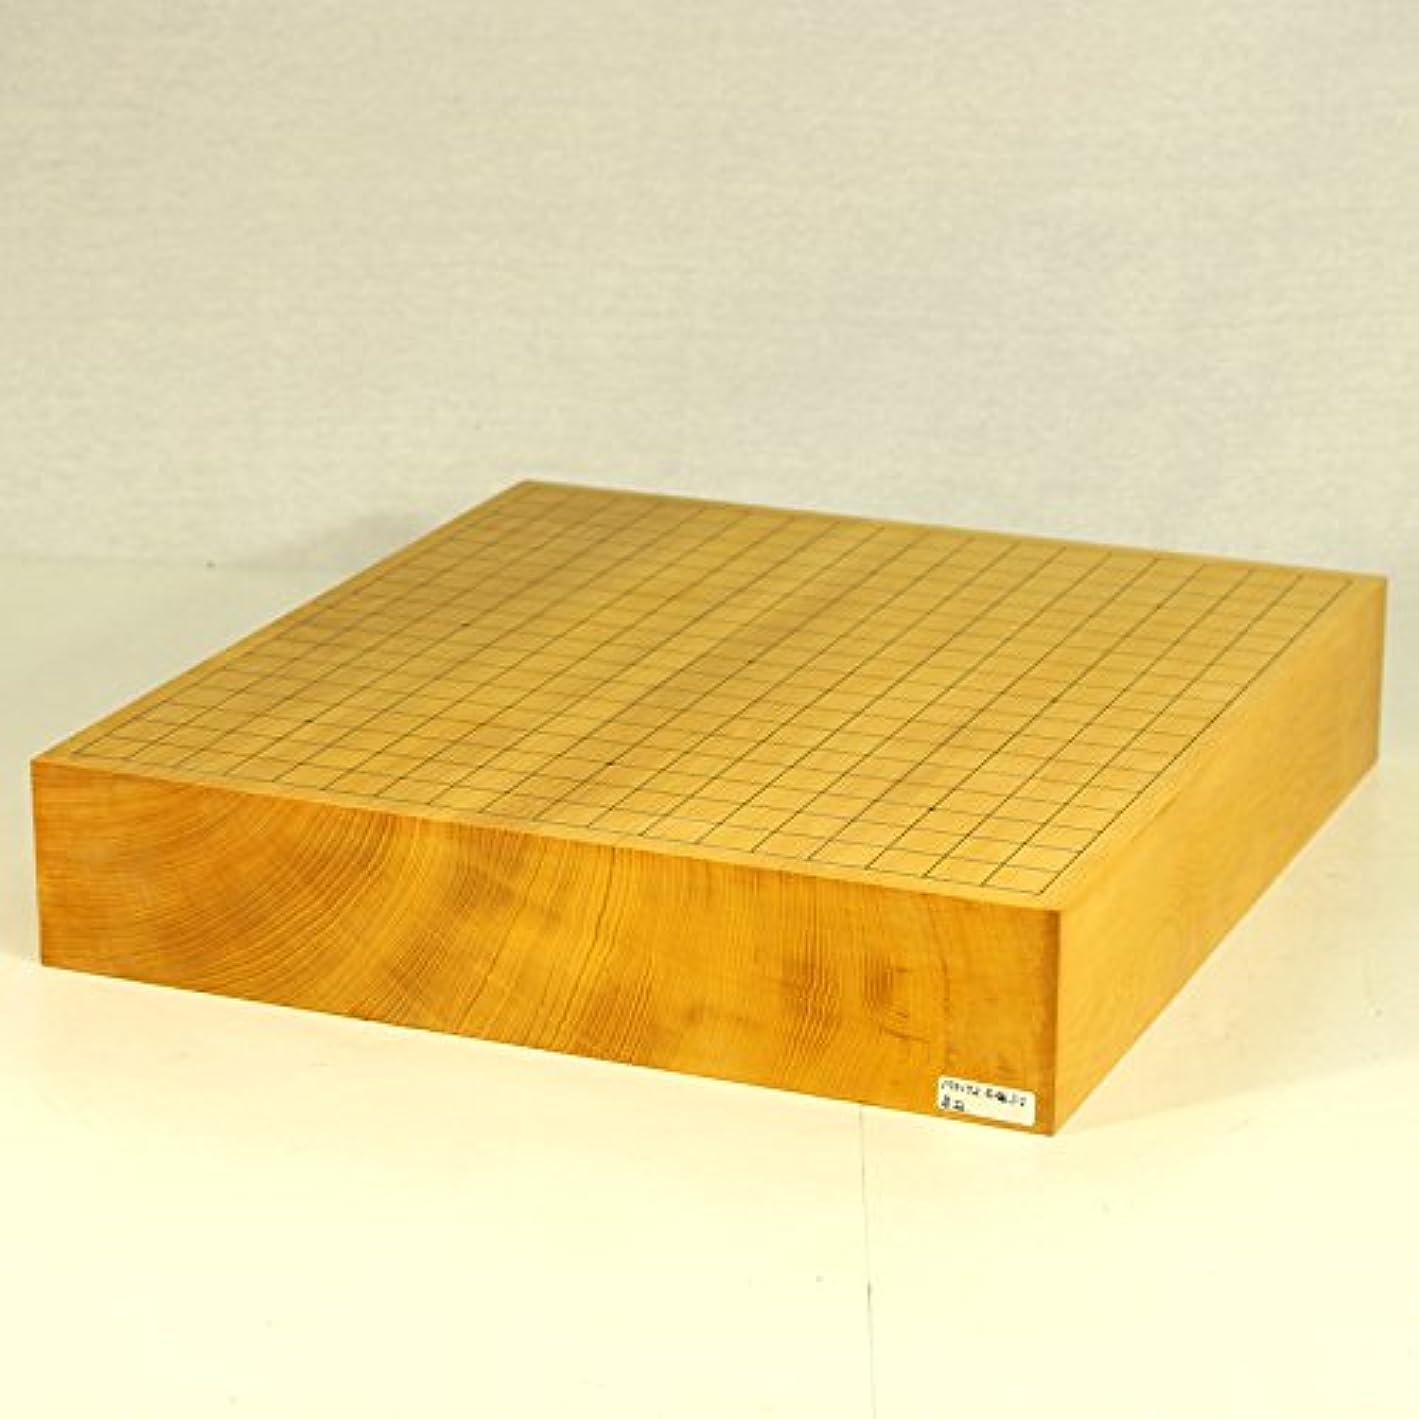 悲観的同時税金本榧碁盤3寸柾目卓上一枚板